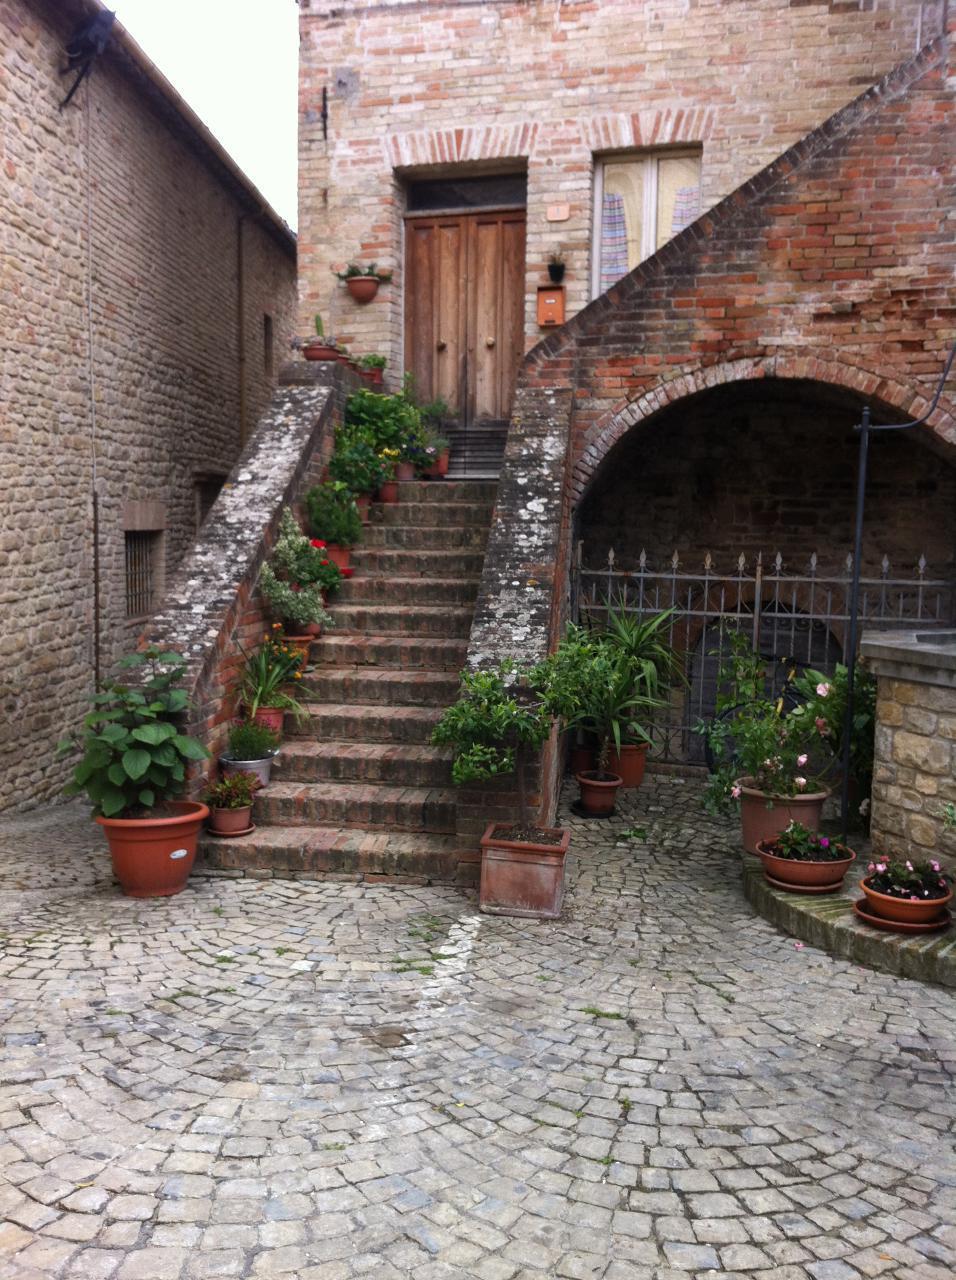 Ferienhaus Familenferien mit Reitmöglichkeit in der schönen  Marke (732149), Santa Vittoria in Matenano, Fermo, Marken, Italien, Bild 22